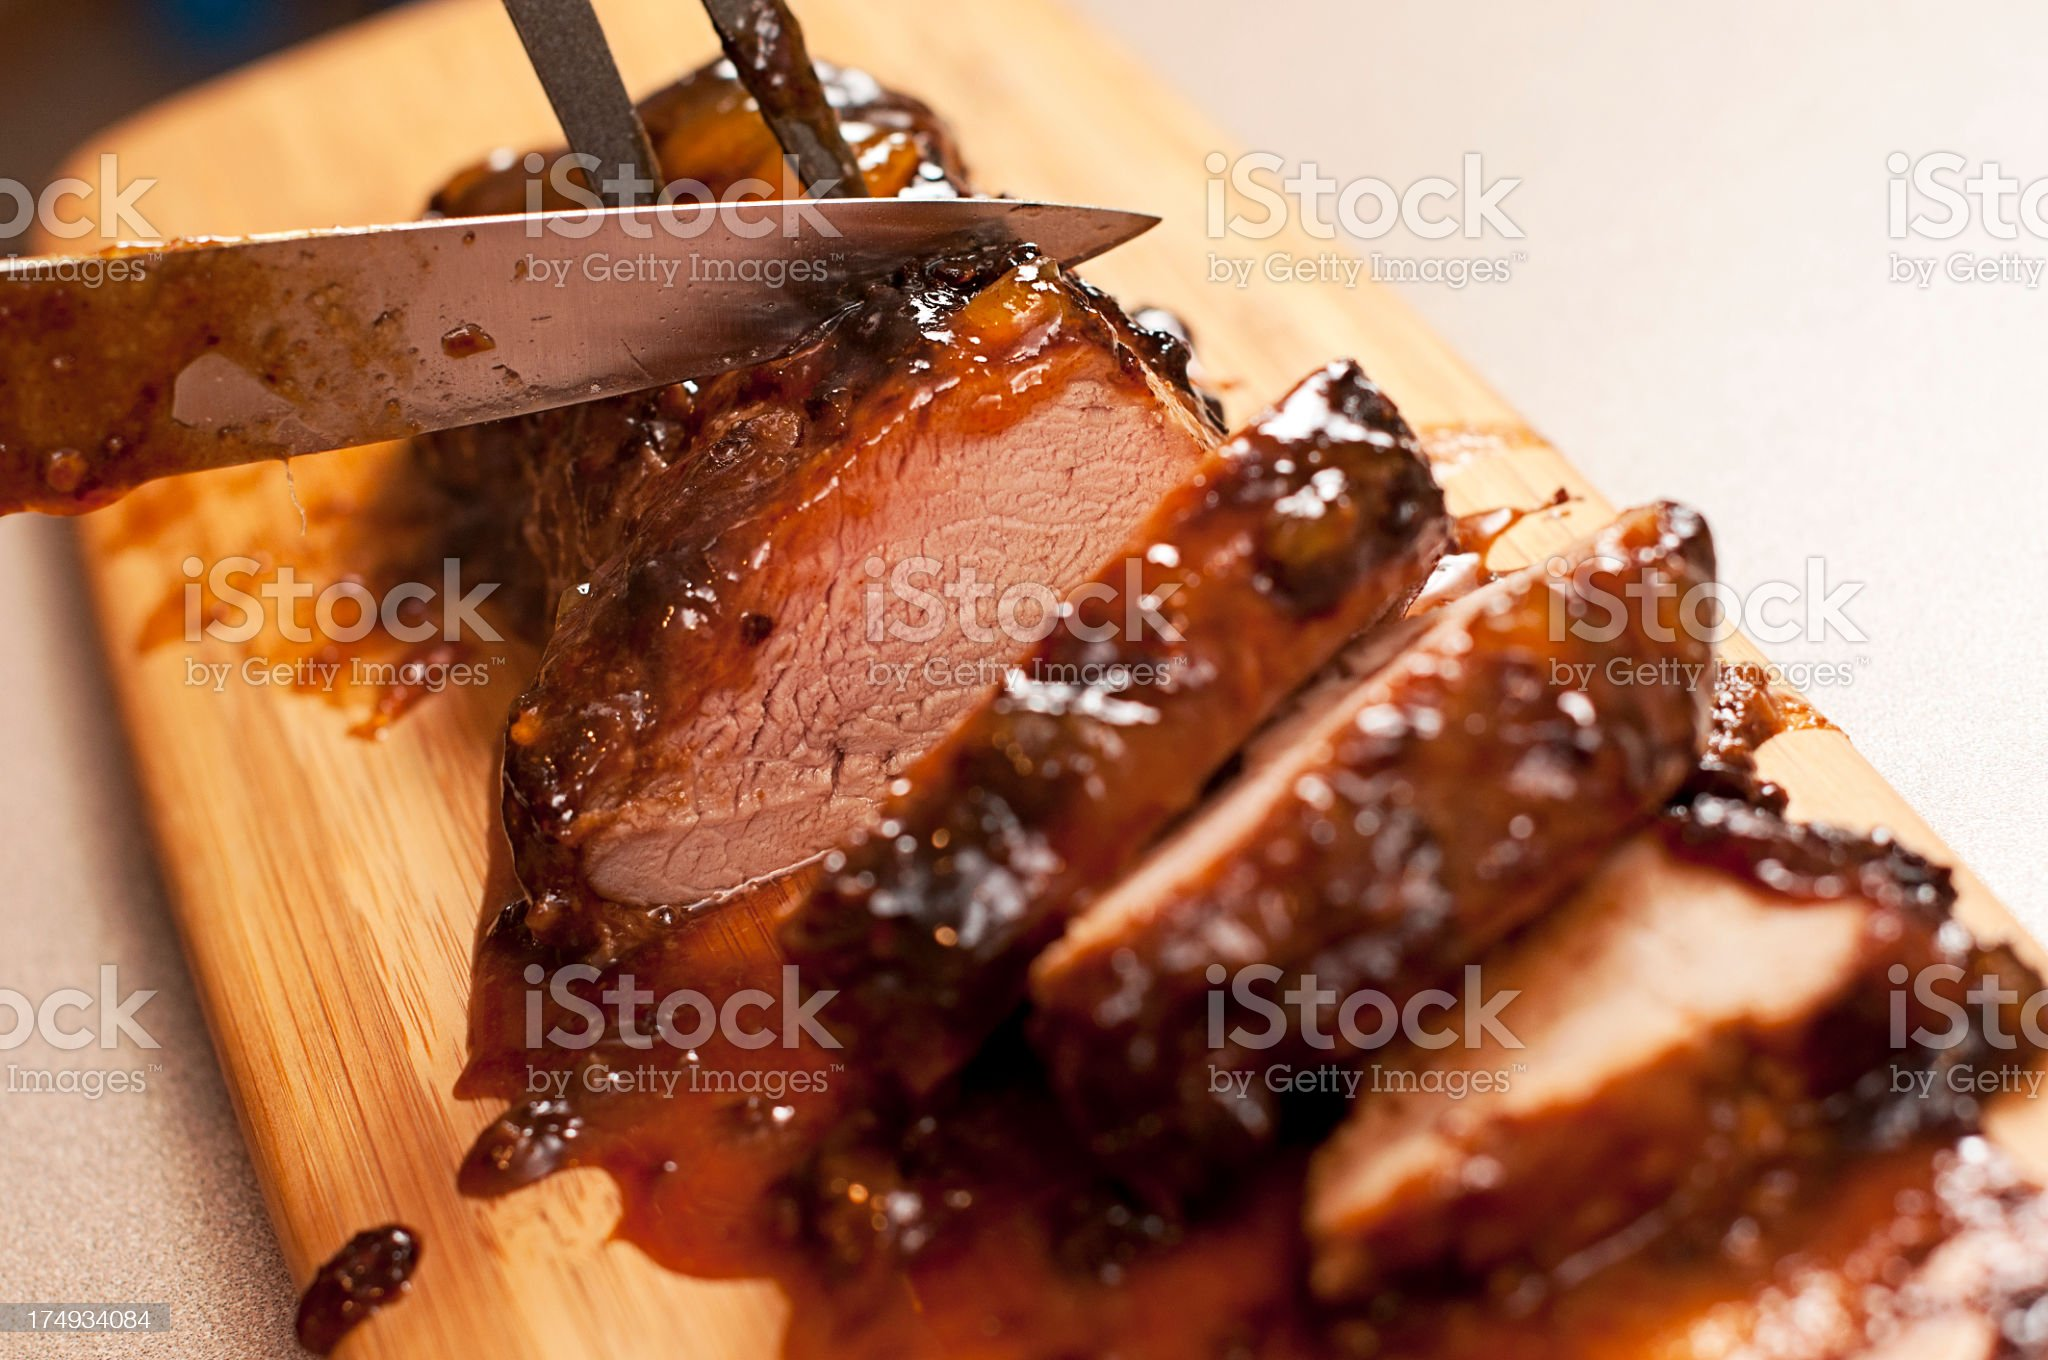 Slicing a barbecue pork tenderloin royalty-free stock photo